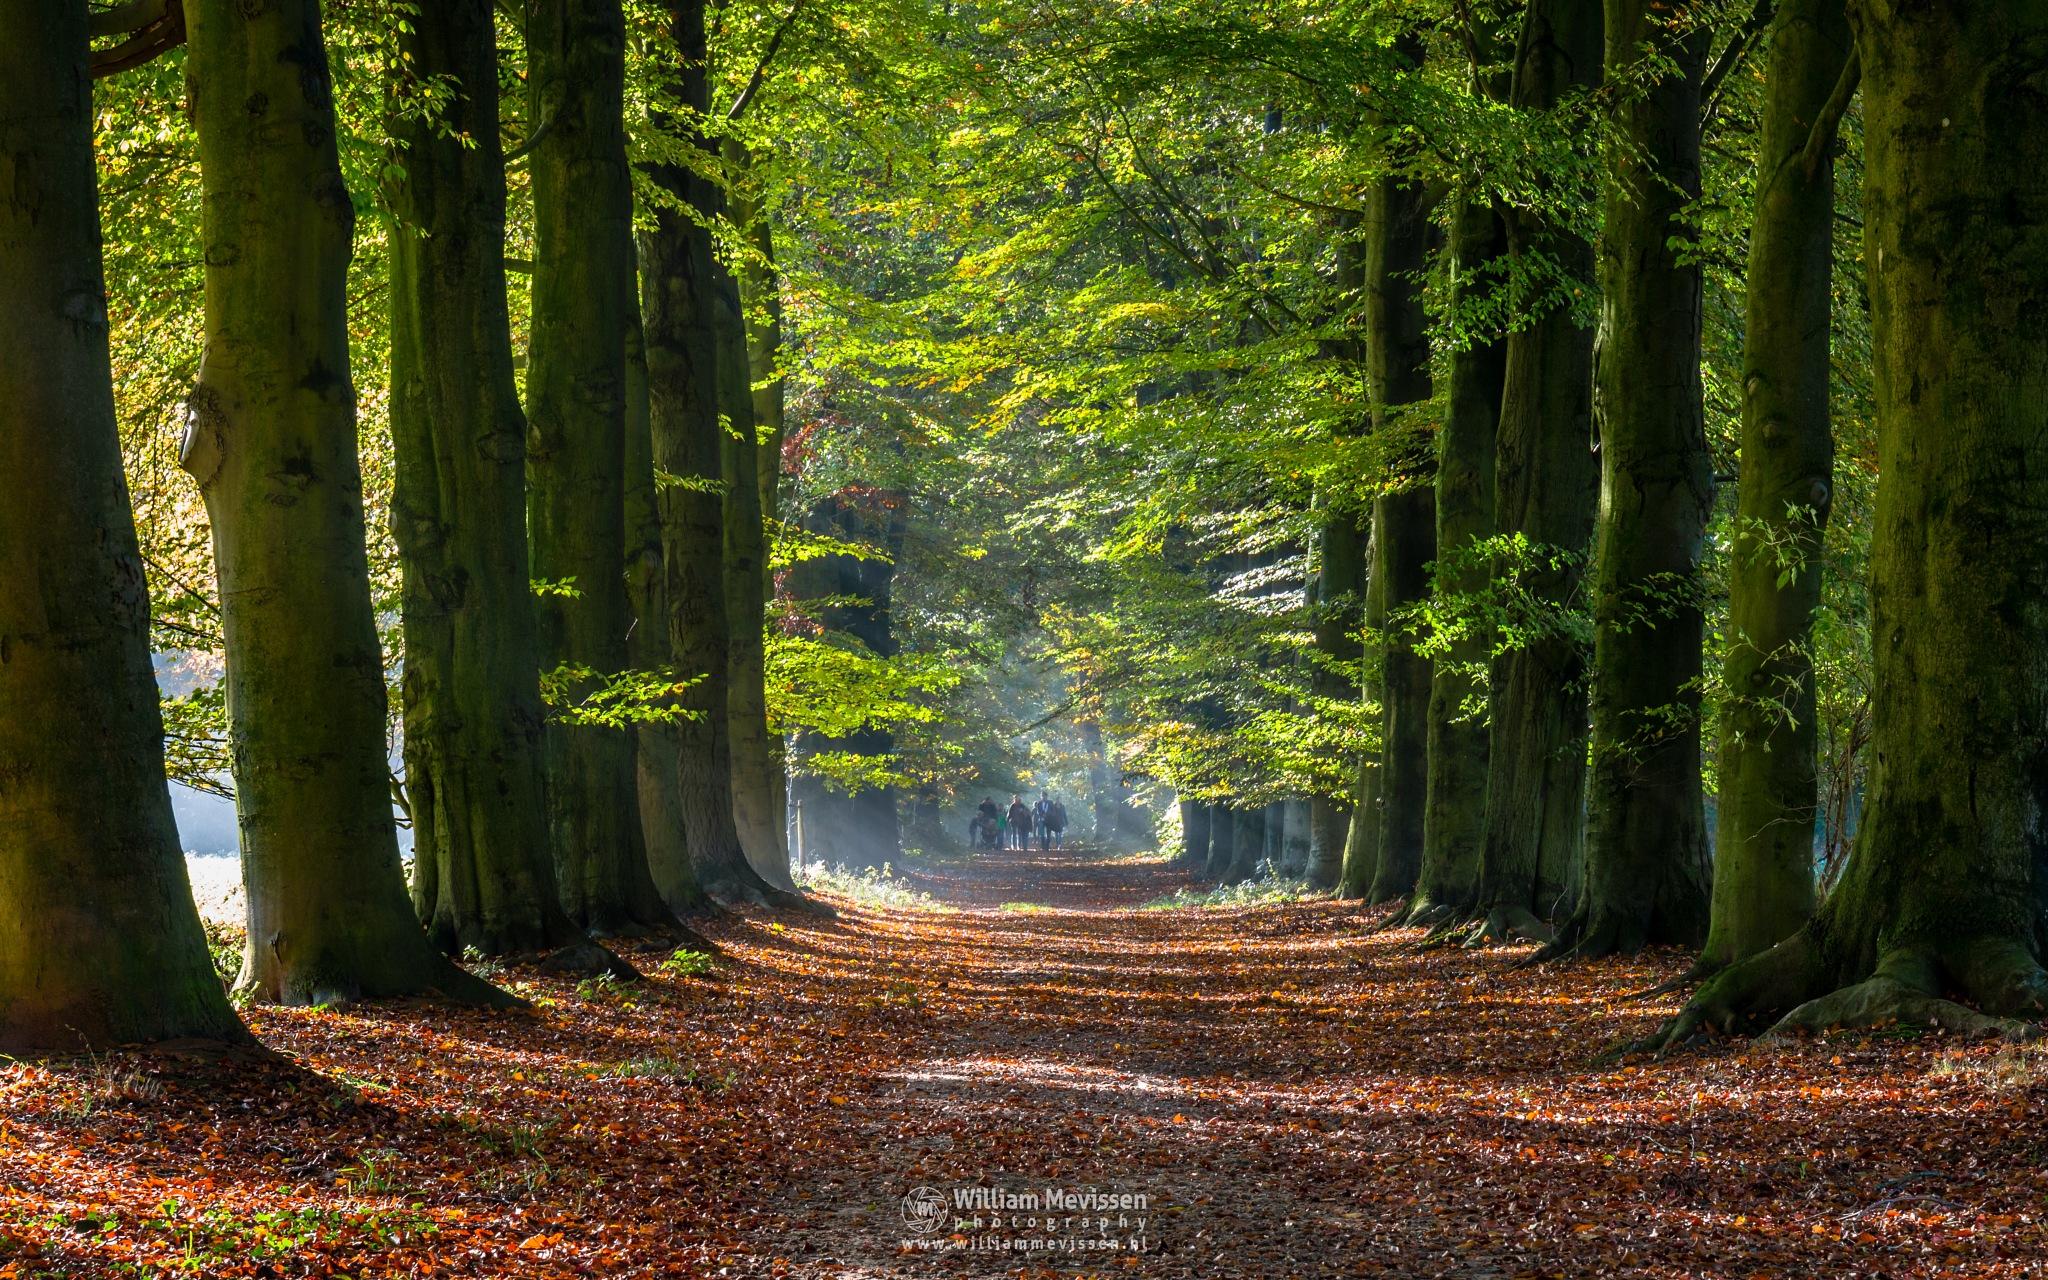 Green Autumn Stroll by William Mevissen